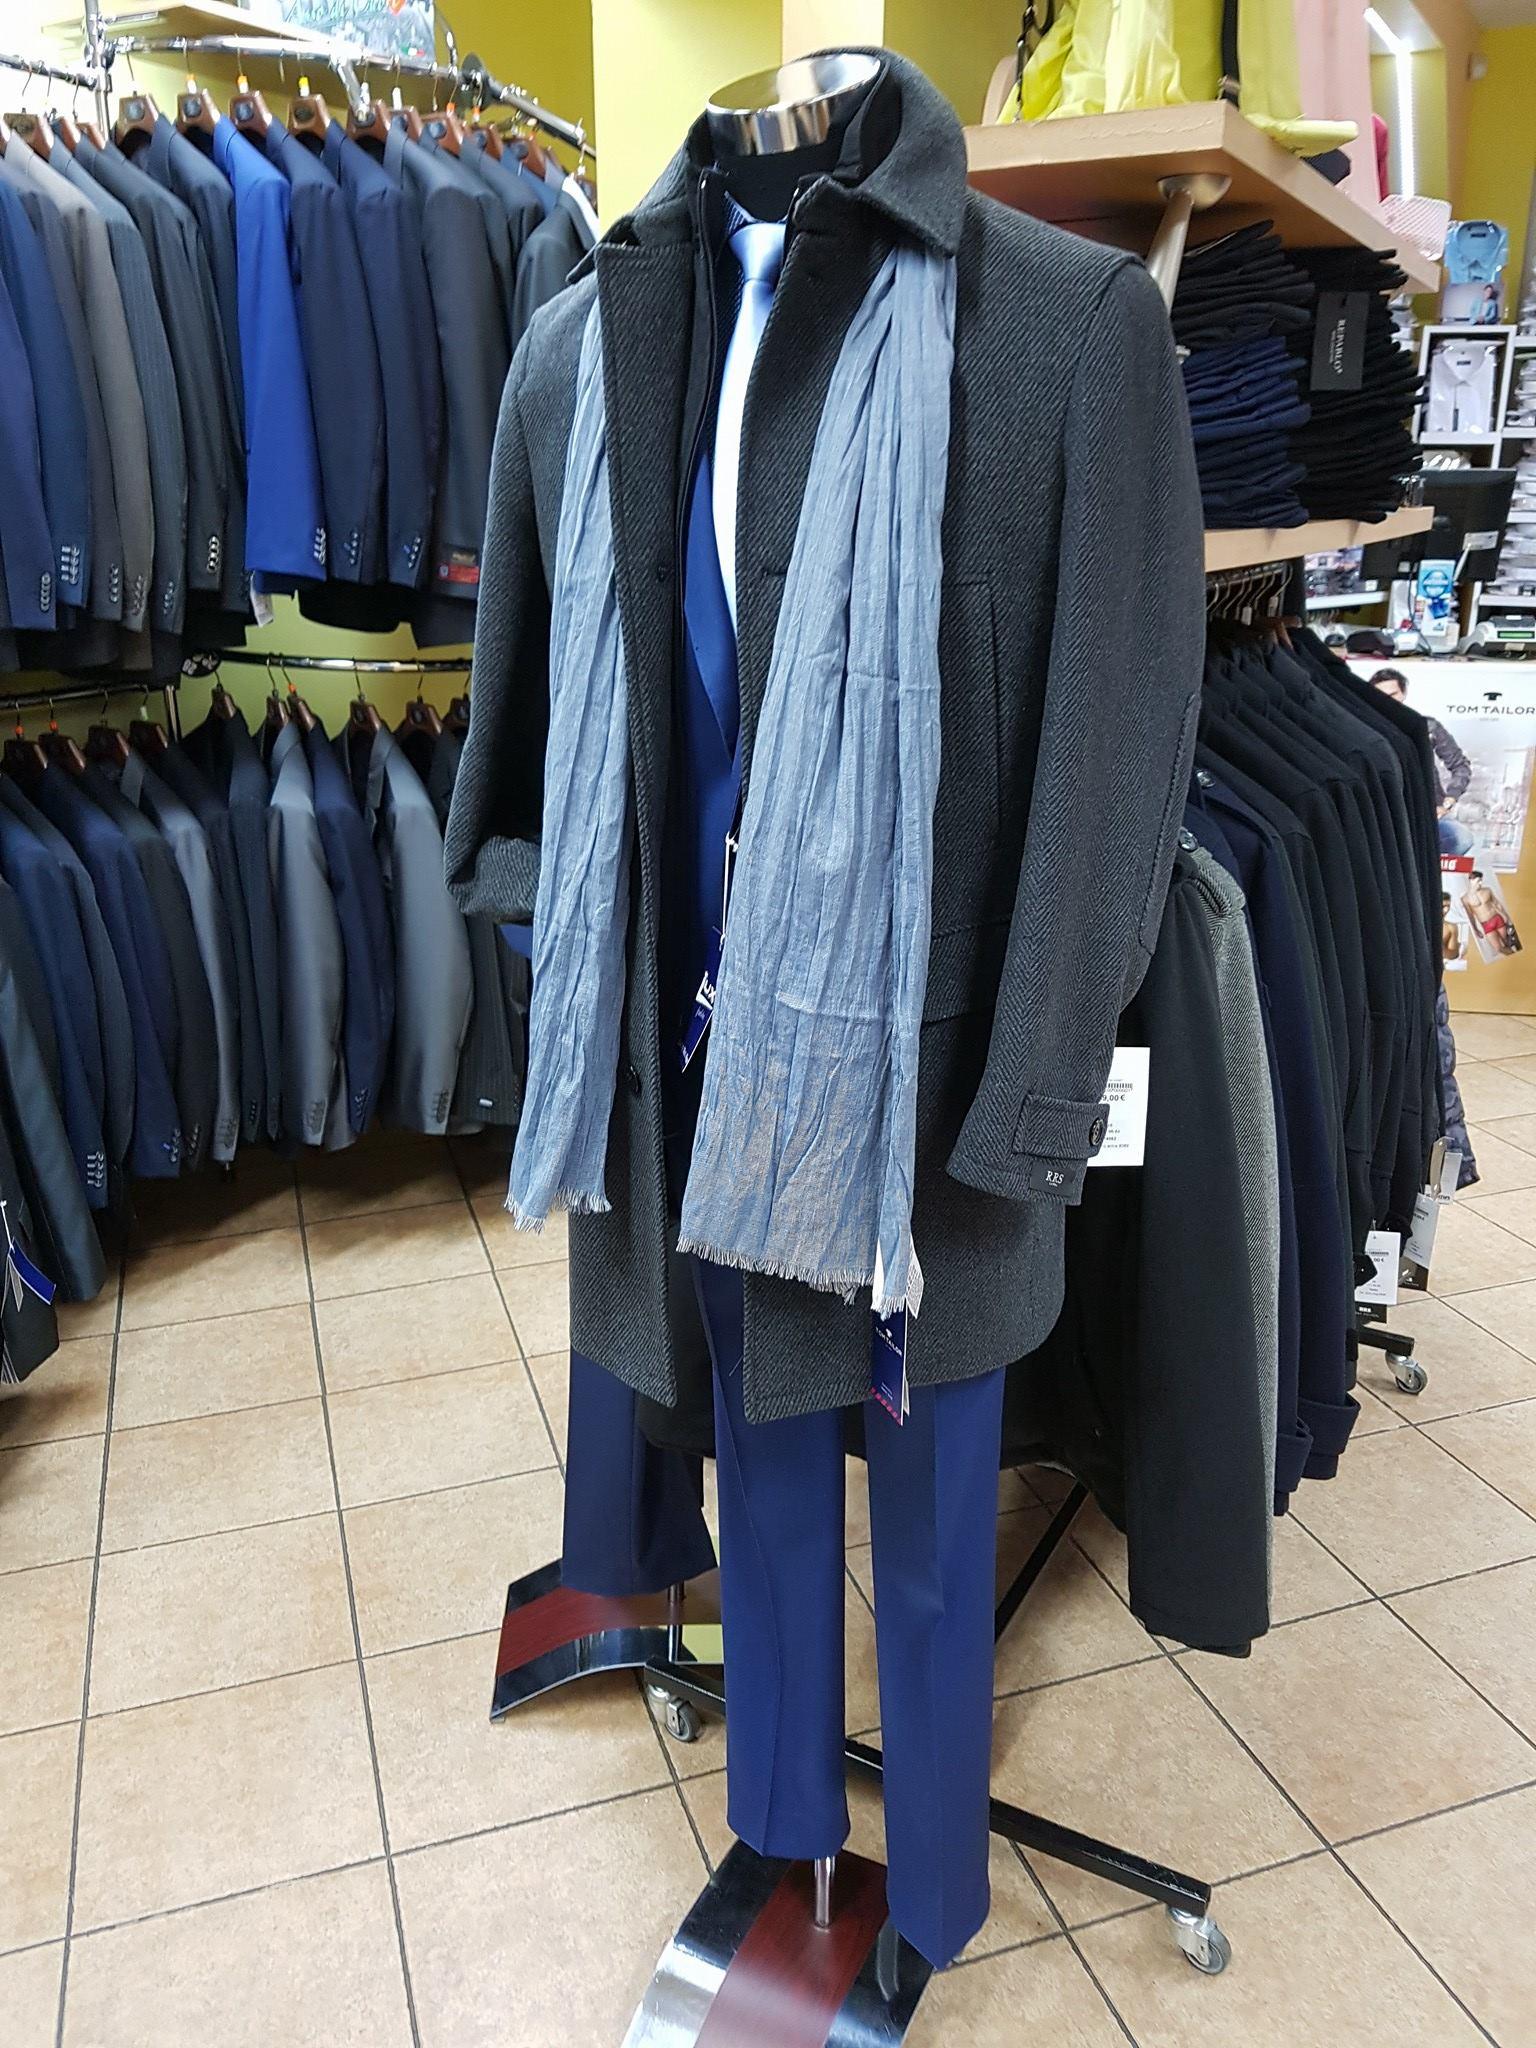 Pánske odevy LUX FASHION Topoľčany - zn - Móda cc787d3408d